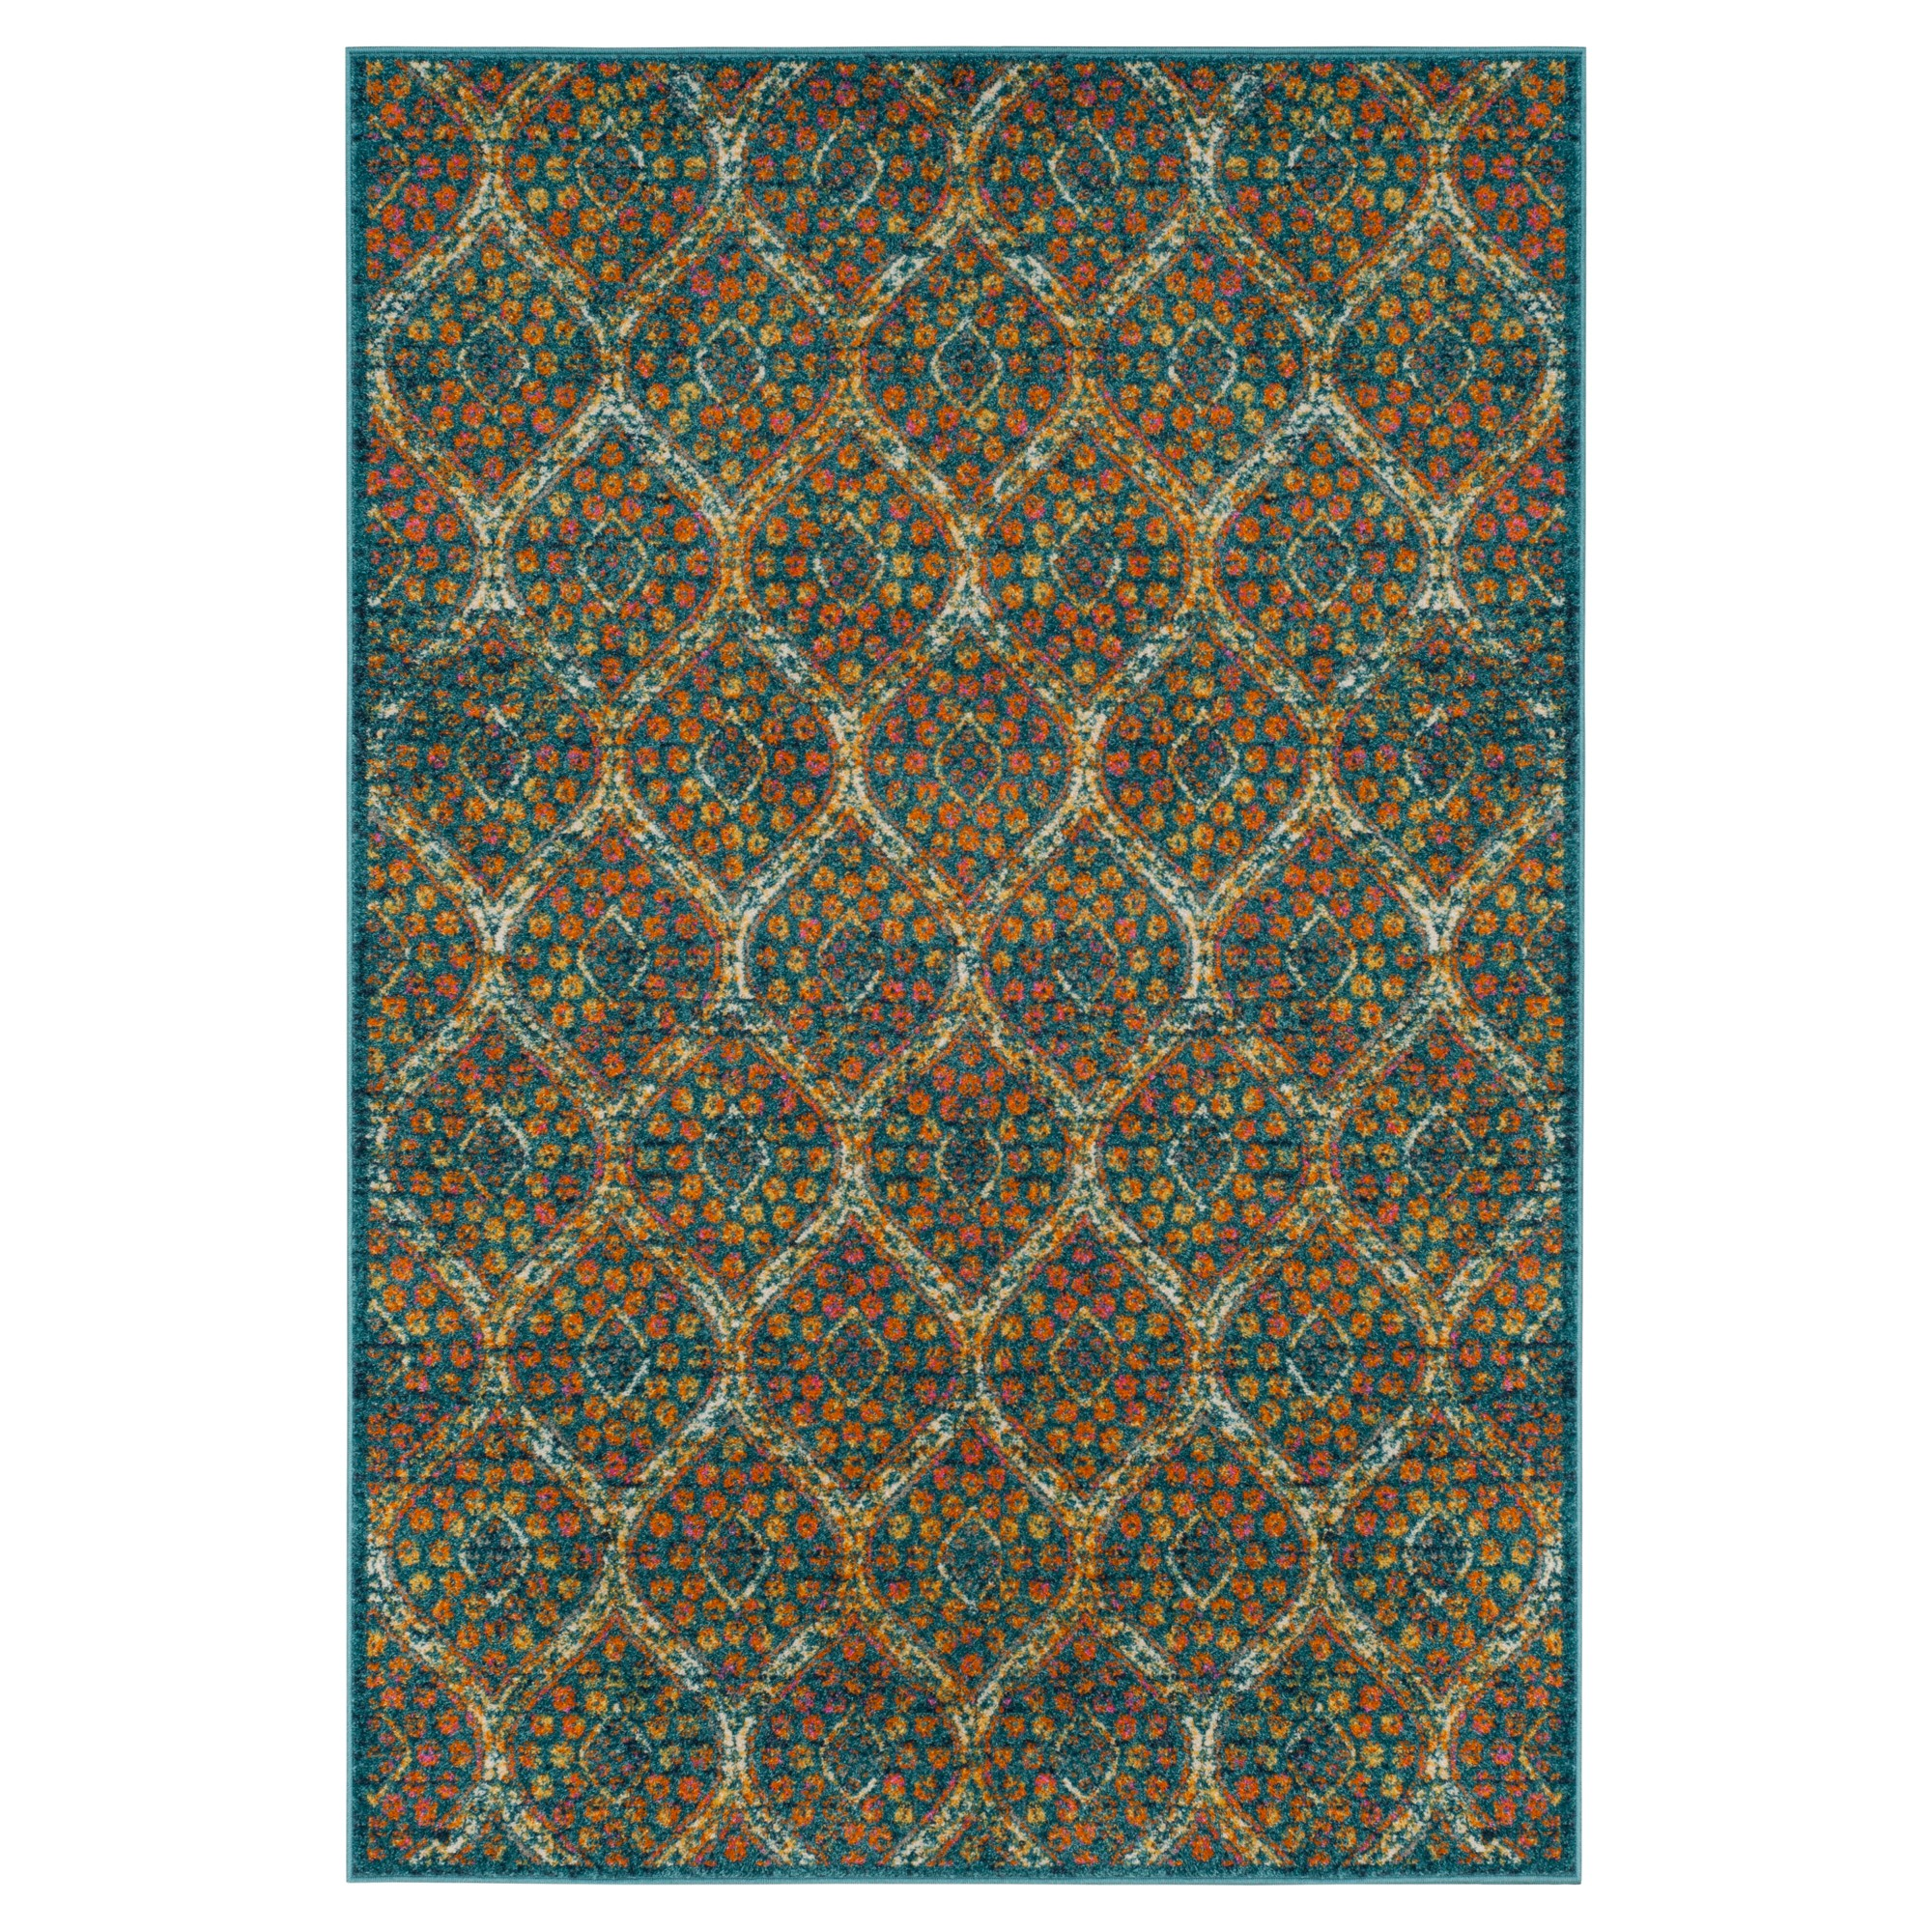 Blue/orange Floral Loomed Area Rug 8'X10' - Safavieh, Orange Blue